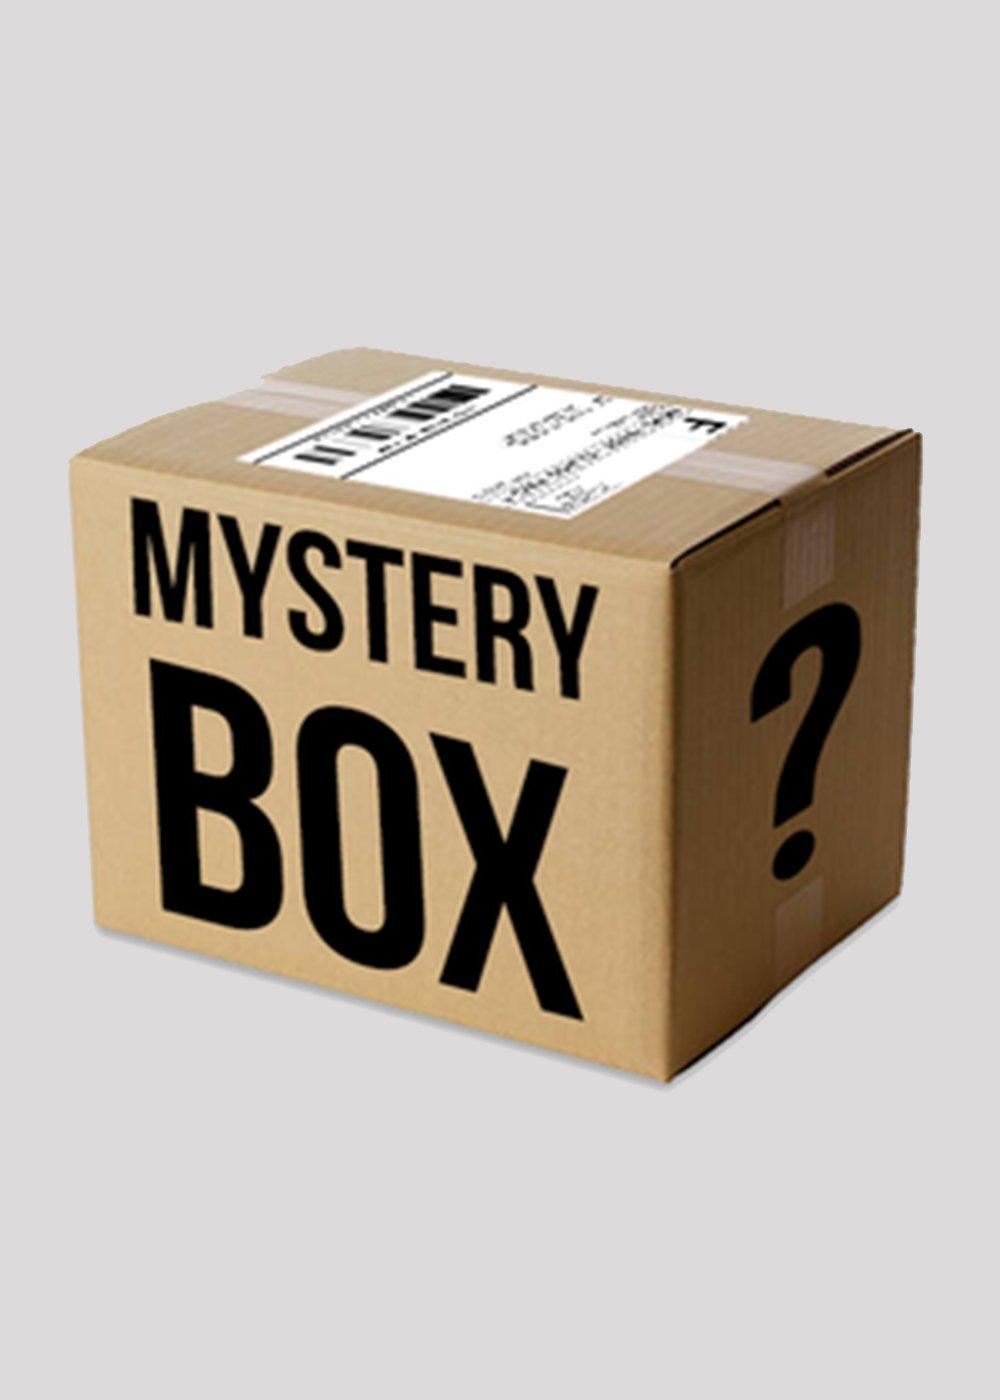 mystery-box-23c04dd9-e43e-43d1-9ce7-400601aff0e7-1000x.jpg